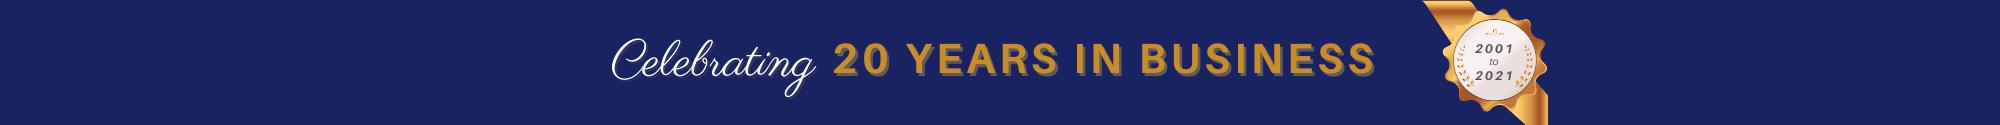 Quadcon Anniversary Banner